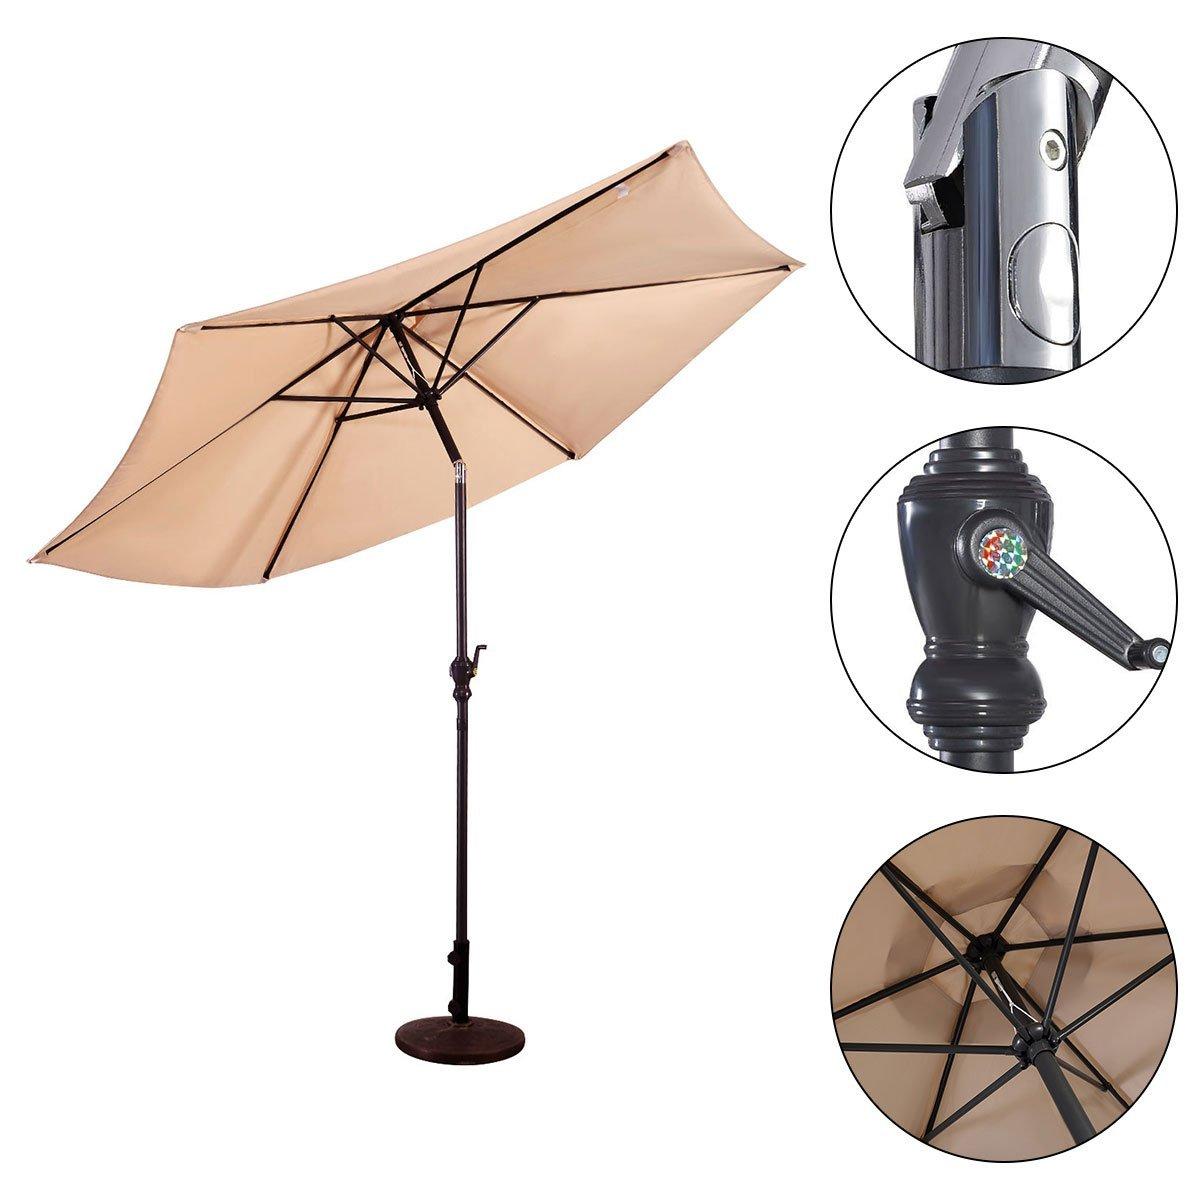 Costway 3M Garden Steel Parasol Metal Crank Patio Outdoor Sunshade Umbrella (3M, Beige)